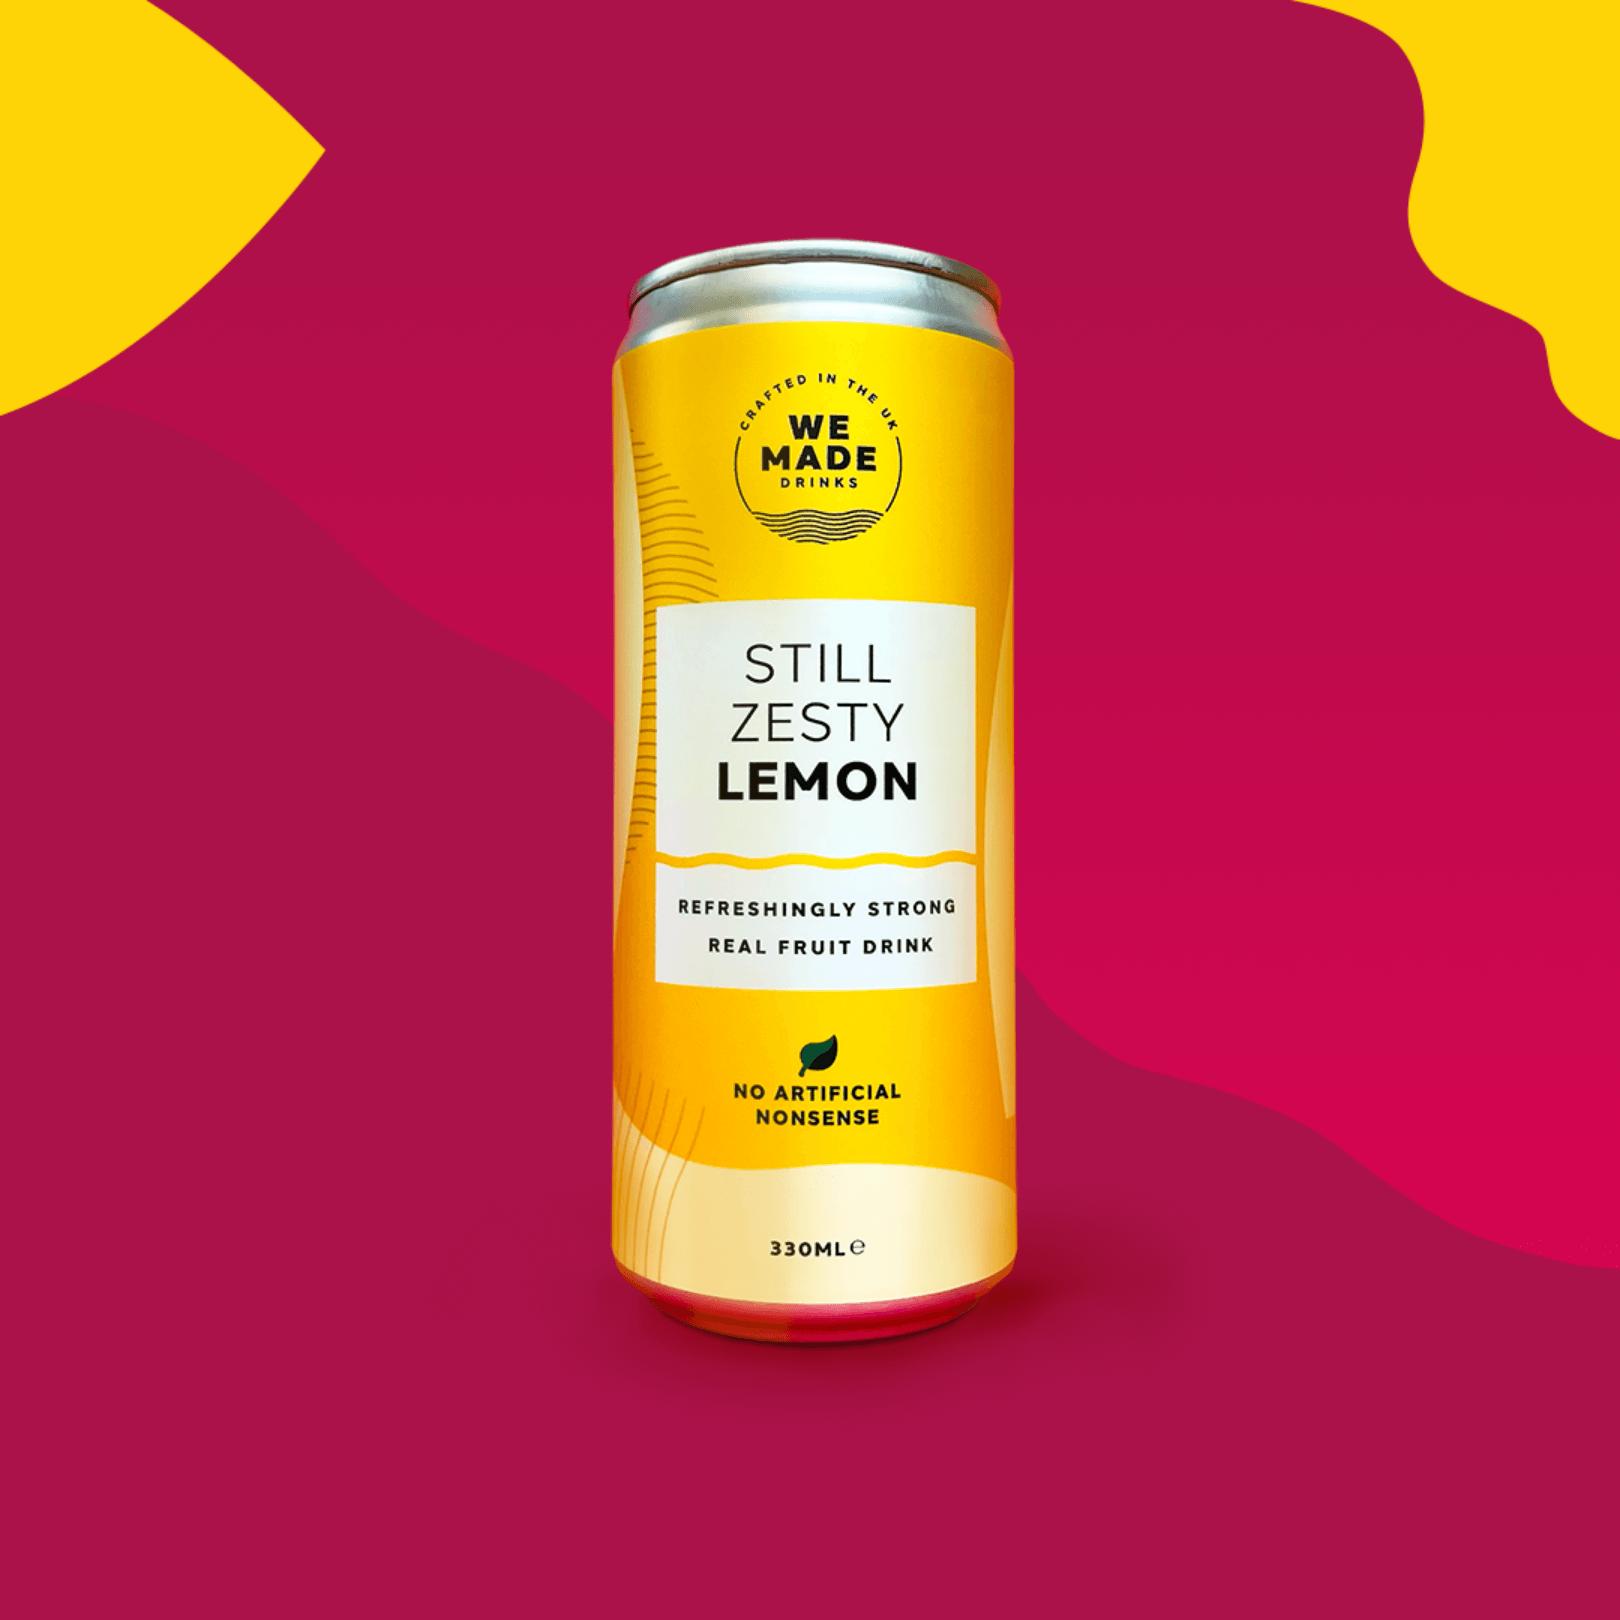 Still Zesty Lemon